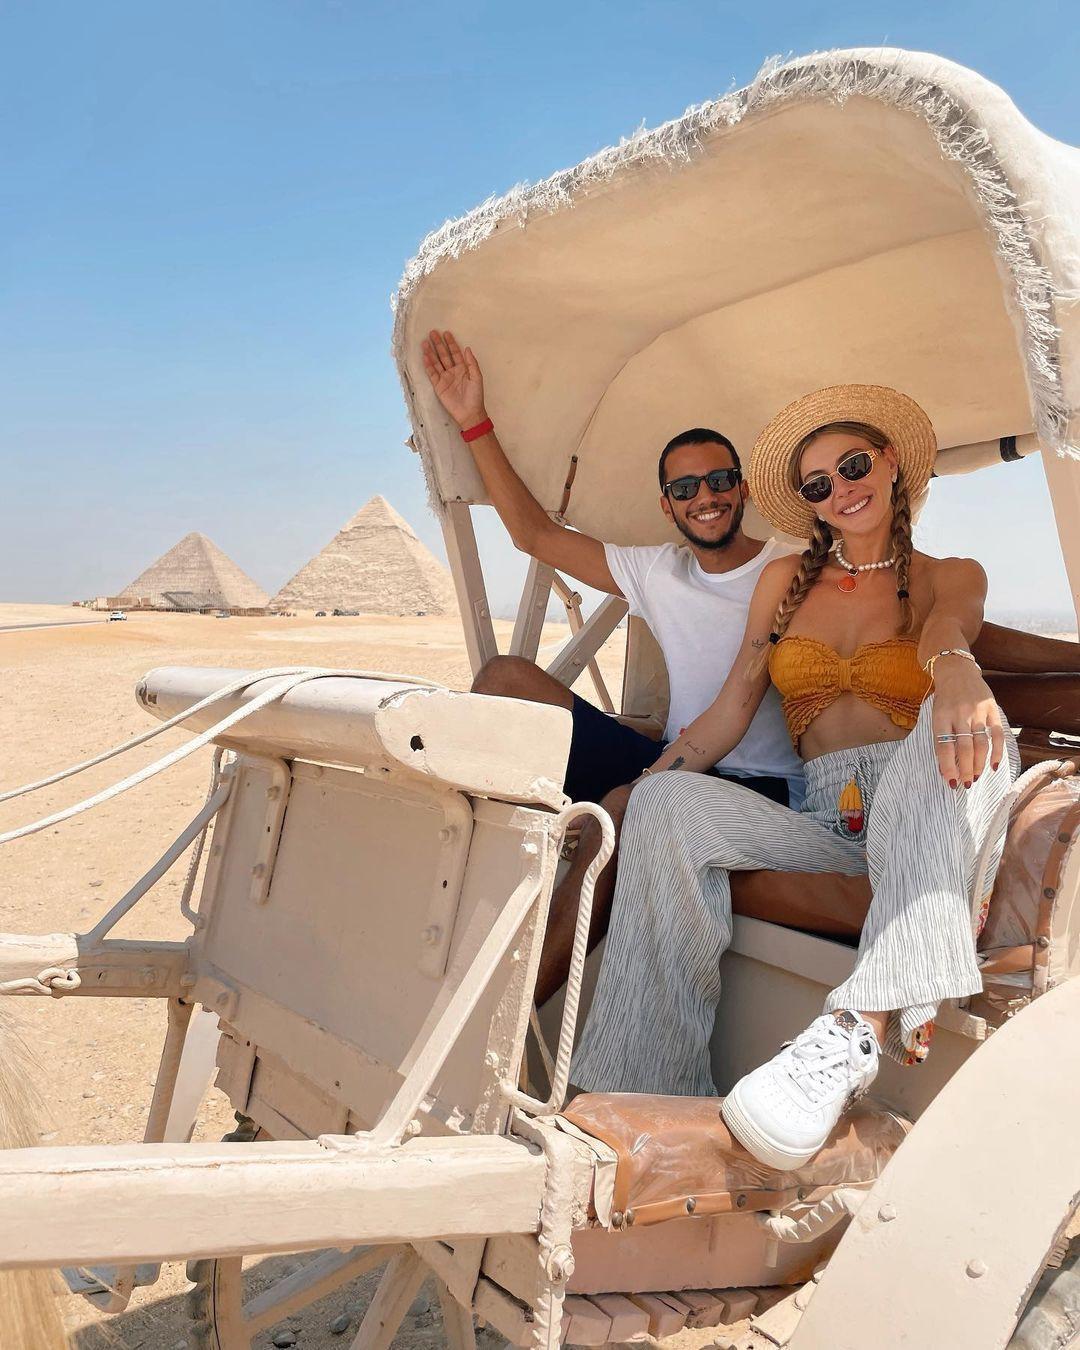 Mısır'da tatilde olan Şeyma Subaşı şaha kalktı! Aşk tam gaz devam ediyor... - Sayfa 3